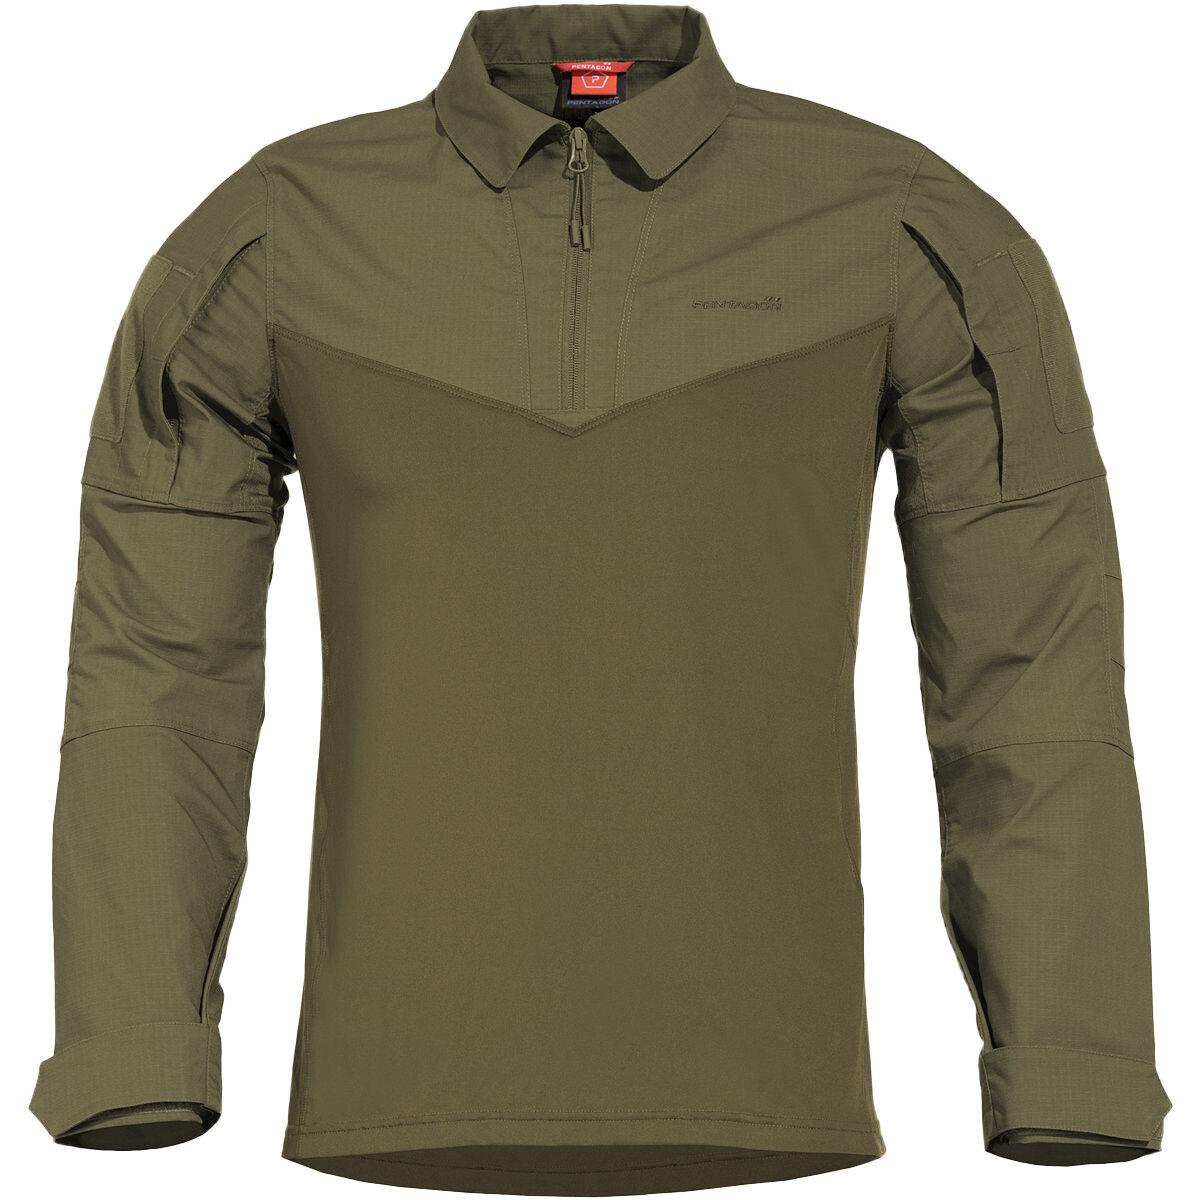 Pentagon Ranger Tac-Fresh Camicia Uomo Militare Softair Tattico Tattico Tattico Ranger verde f96877